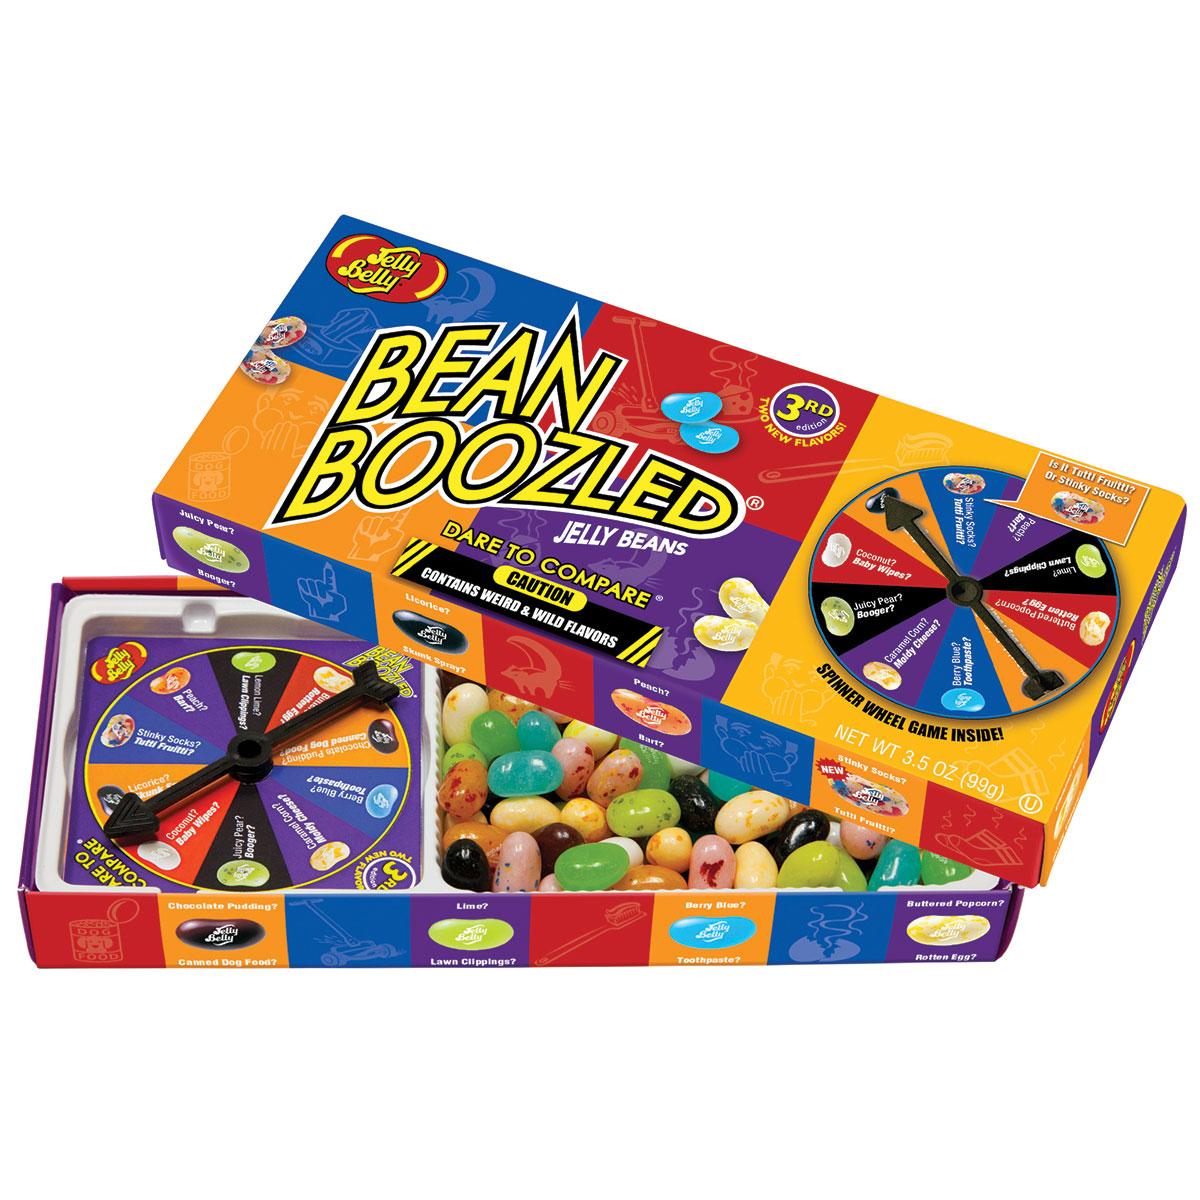 Jelly Belly Bean Boozled Game Драже жевательное + игра, 100 г0120710Конфеты Jelly Belly в последнее время стали очень популярны за свой удивительный вкус, который передаётся на 100% правдоподобно. Так что эти конфеты действительно ну очень вкусные. Попробовав одну конфетку, будет сложно остановится!Набор содержит конфетки со странными вкусами: собачьего корма, вонючих носков, скошенной травы, детских подгузников, тухлого яйца, зубной пасты, рвоты и соплей. Такое драже станет превосходным подарком-розыгрышем для ваших друзей. Сыграйте в веселую игру - вращайте барабан и посмотрите, какой цвет вам выпал, а затем съешьте конфету указанного цвета. Вкусные и странные конфетки имеют одинаковый цвет. Тутти-фрутти или вонючие носки? Лайм или скошенная трава? Попкорн с маслом или тухлое яйцо? Голубика или зубная паста? Персик или рвота? Шоколадный пудинг или собачий корм? Сочная груша или сопли? Кокос или детские подгузники? Сравните эти невероятные и странные вкусы и разыграйте своих друзей!В комплект входит барабан для игры.